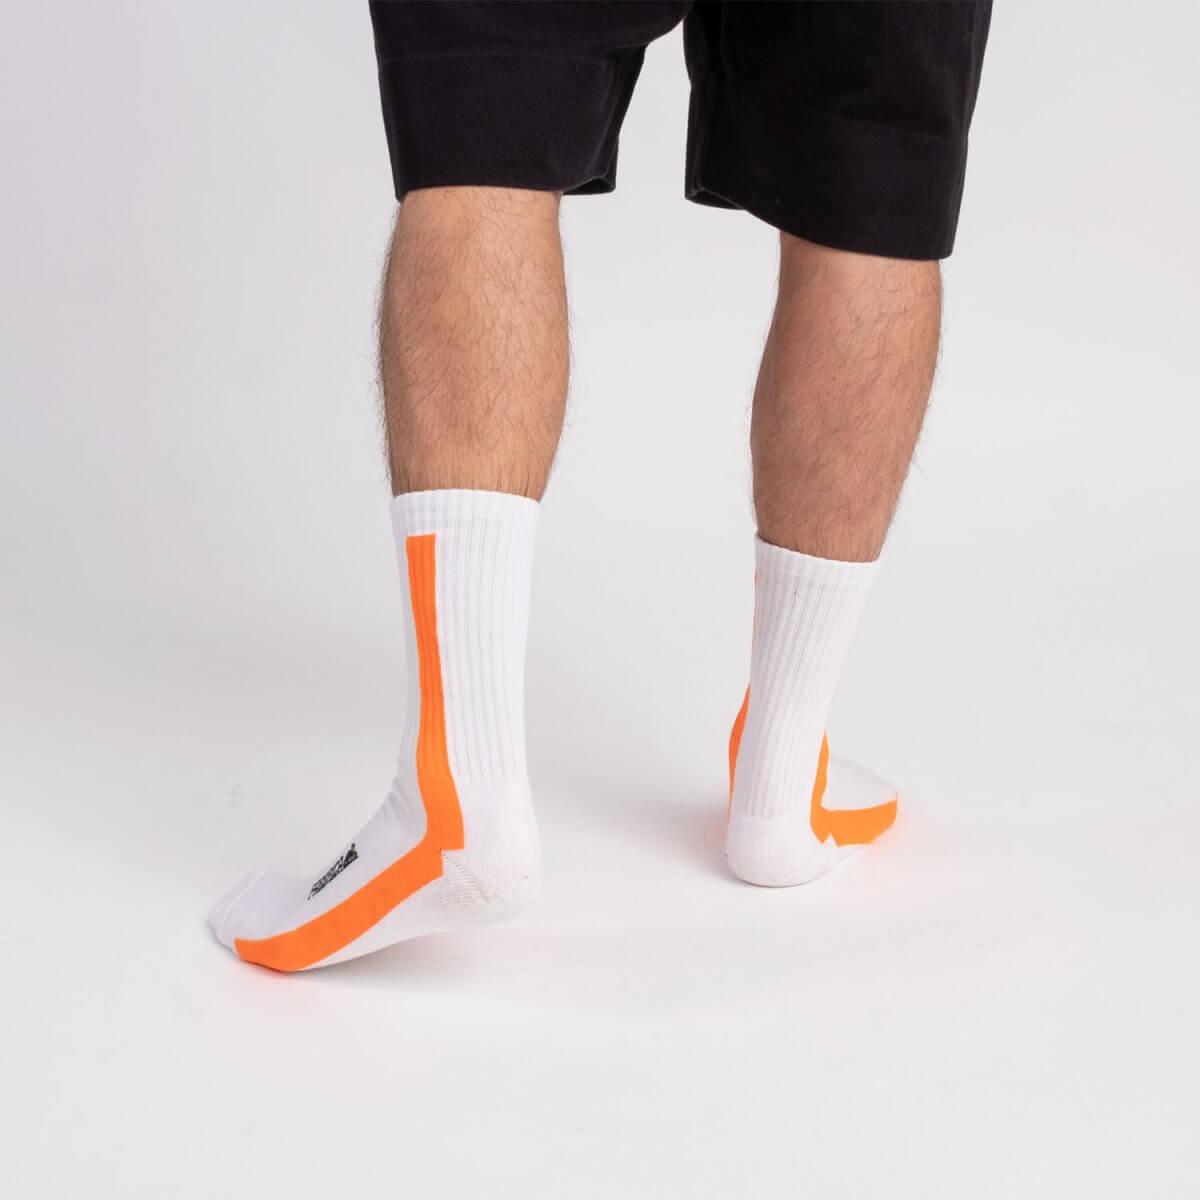 orange-fluo-socks